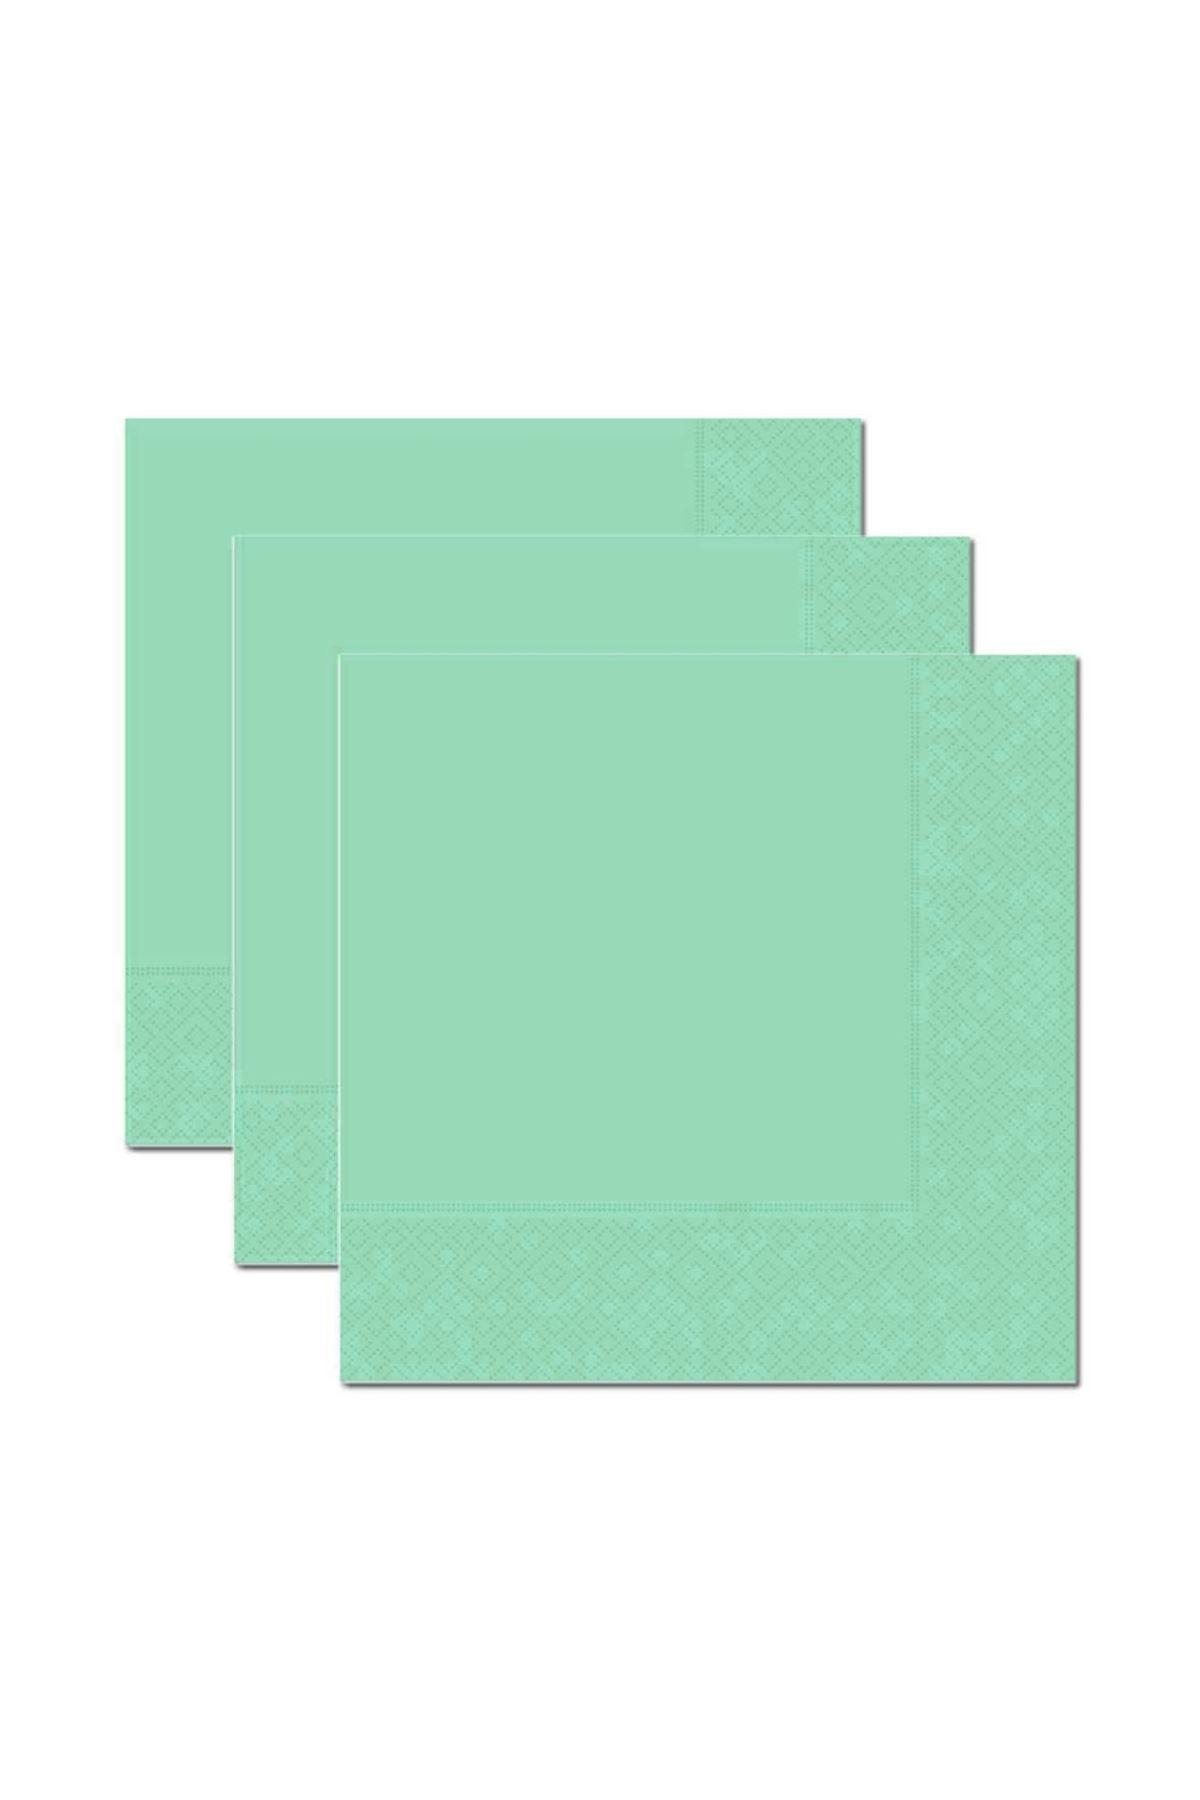 Su Yeşili 20 li Kağıt Peçete